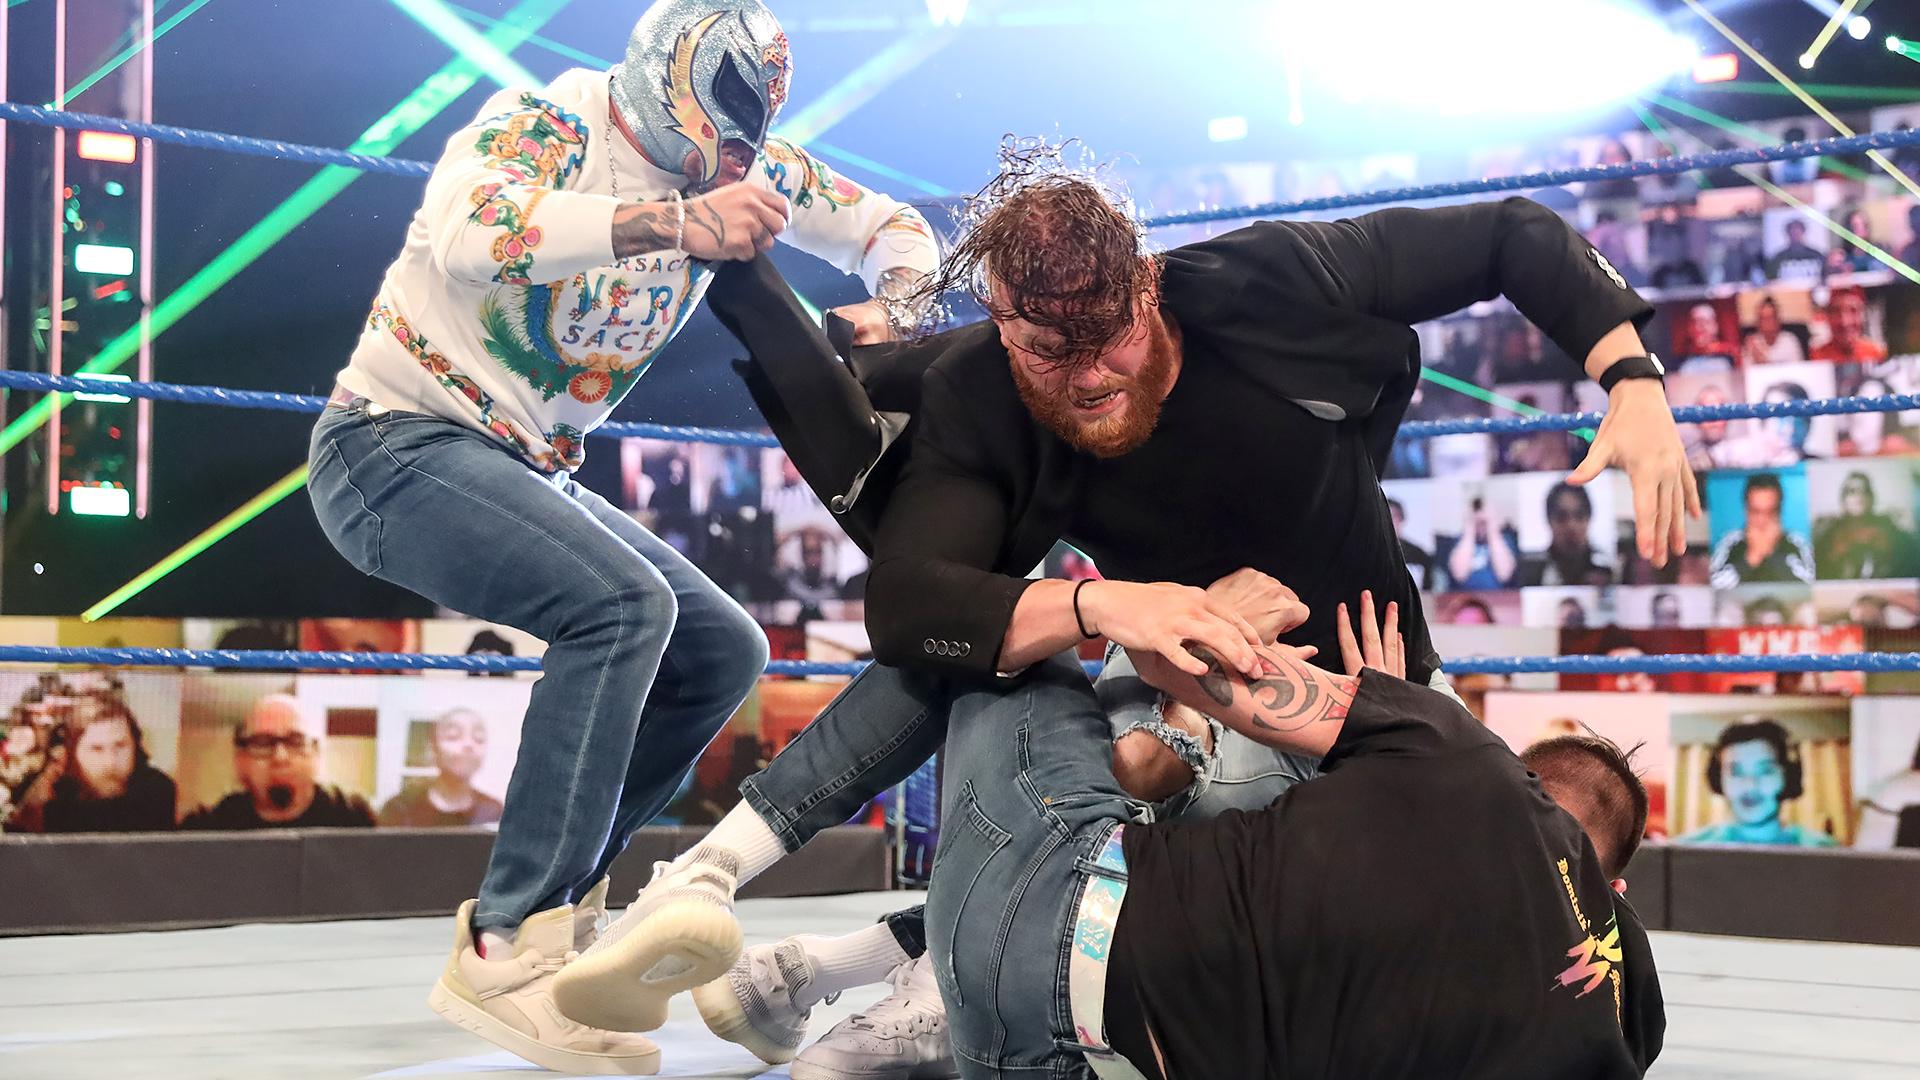 Segmento de Aalyah Mysterio e Murphy foi muito bem recebido nos bastidores da WWE